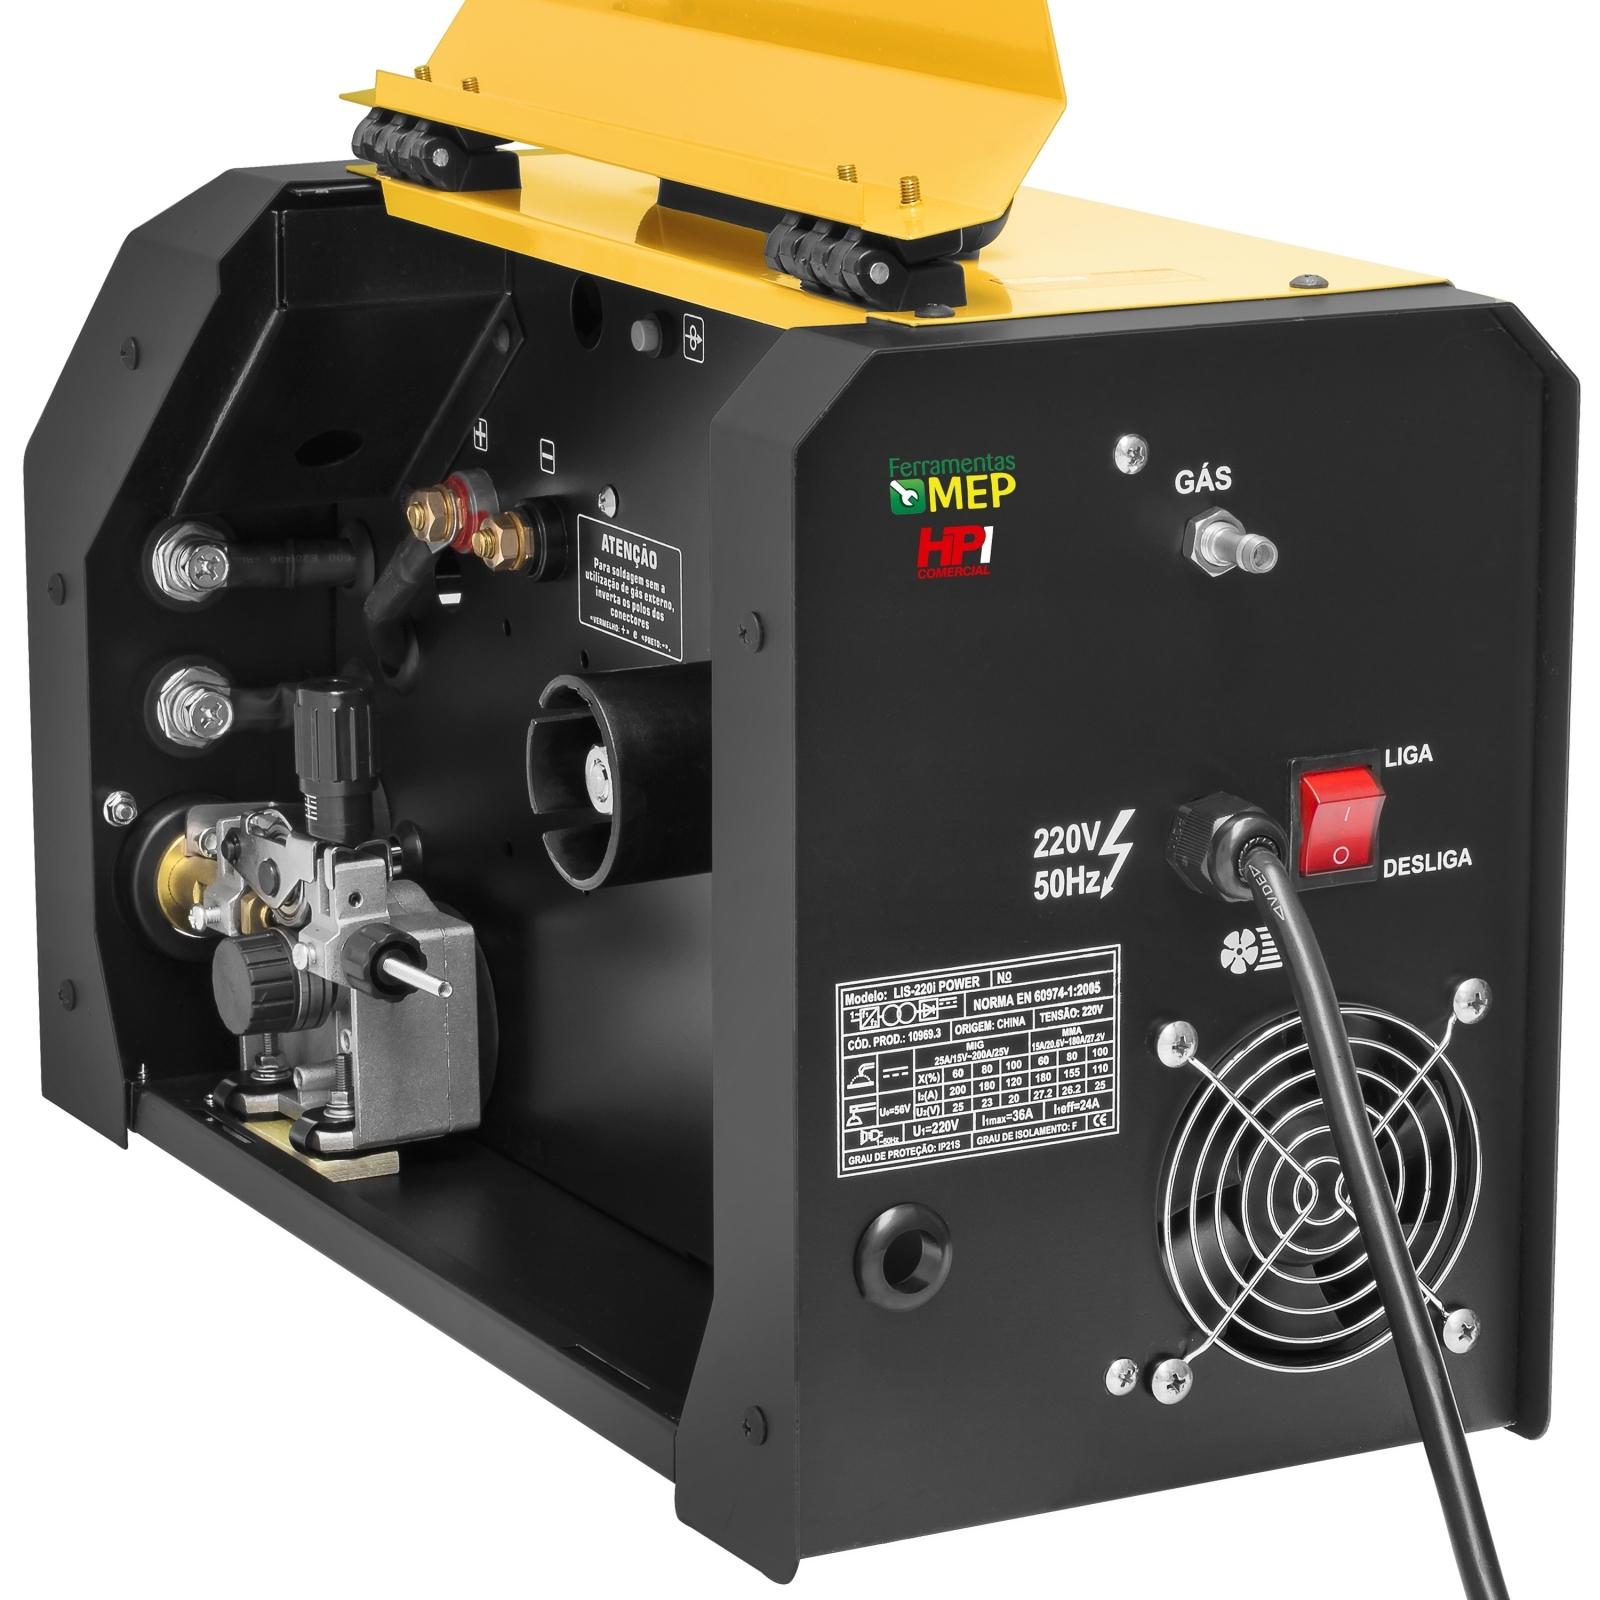 Máquina De Solda Mig Lynus 200amp Lis-220i 200amp MMA TIG Completa Ly3 - Ferramentas MEP